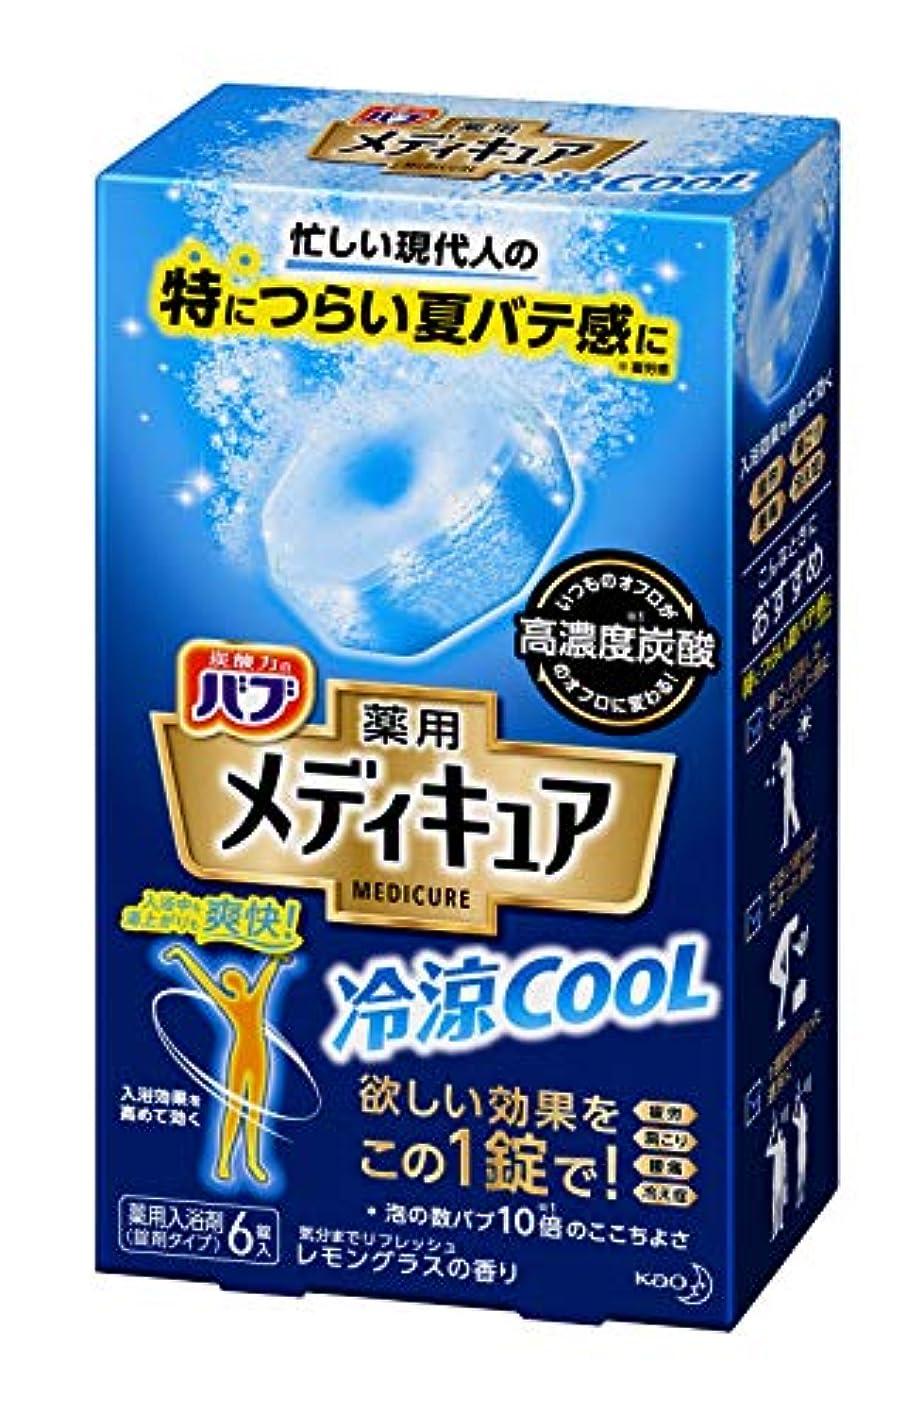 七時半外交官シールバブ メディキュア 冷涼クール レモングラスの香り 6錠入 高濃度 炭酸 温泉成分 (泡の数バブの10倍)